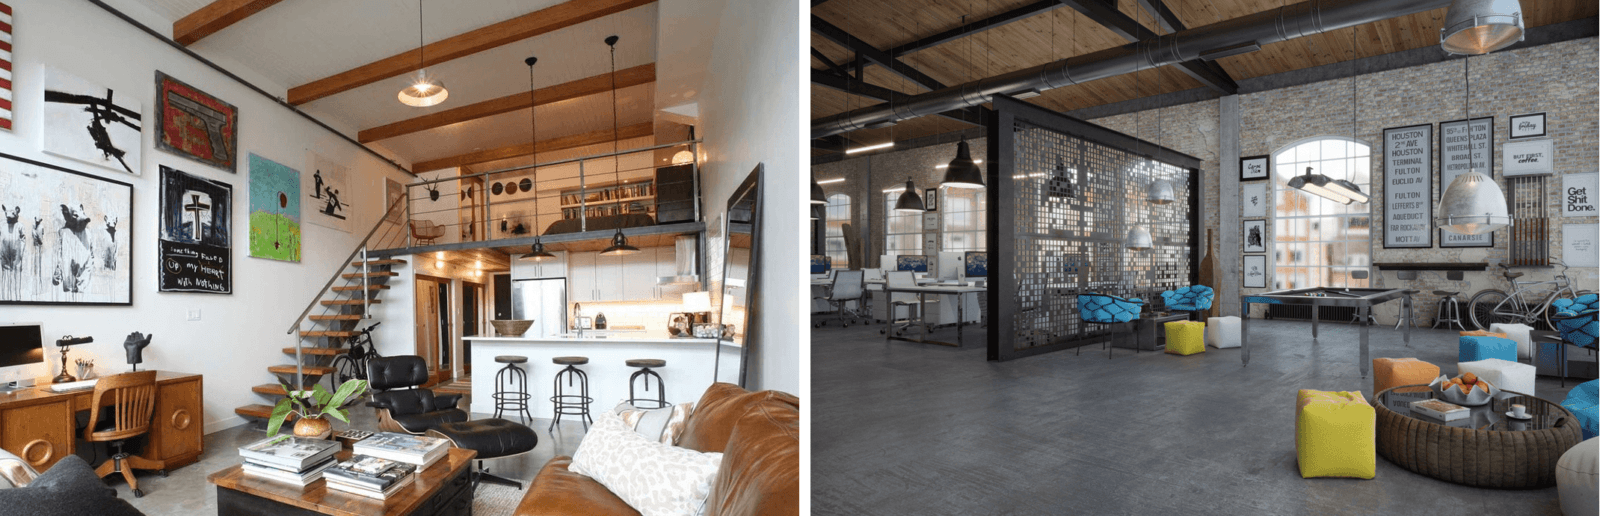 arredo-loft-lampade-open-space-industriale-vintage - Lampade Vintage ...